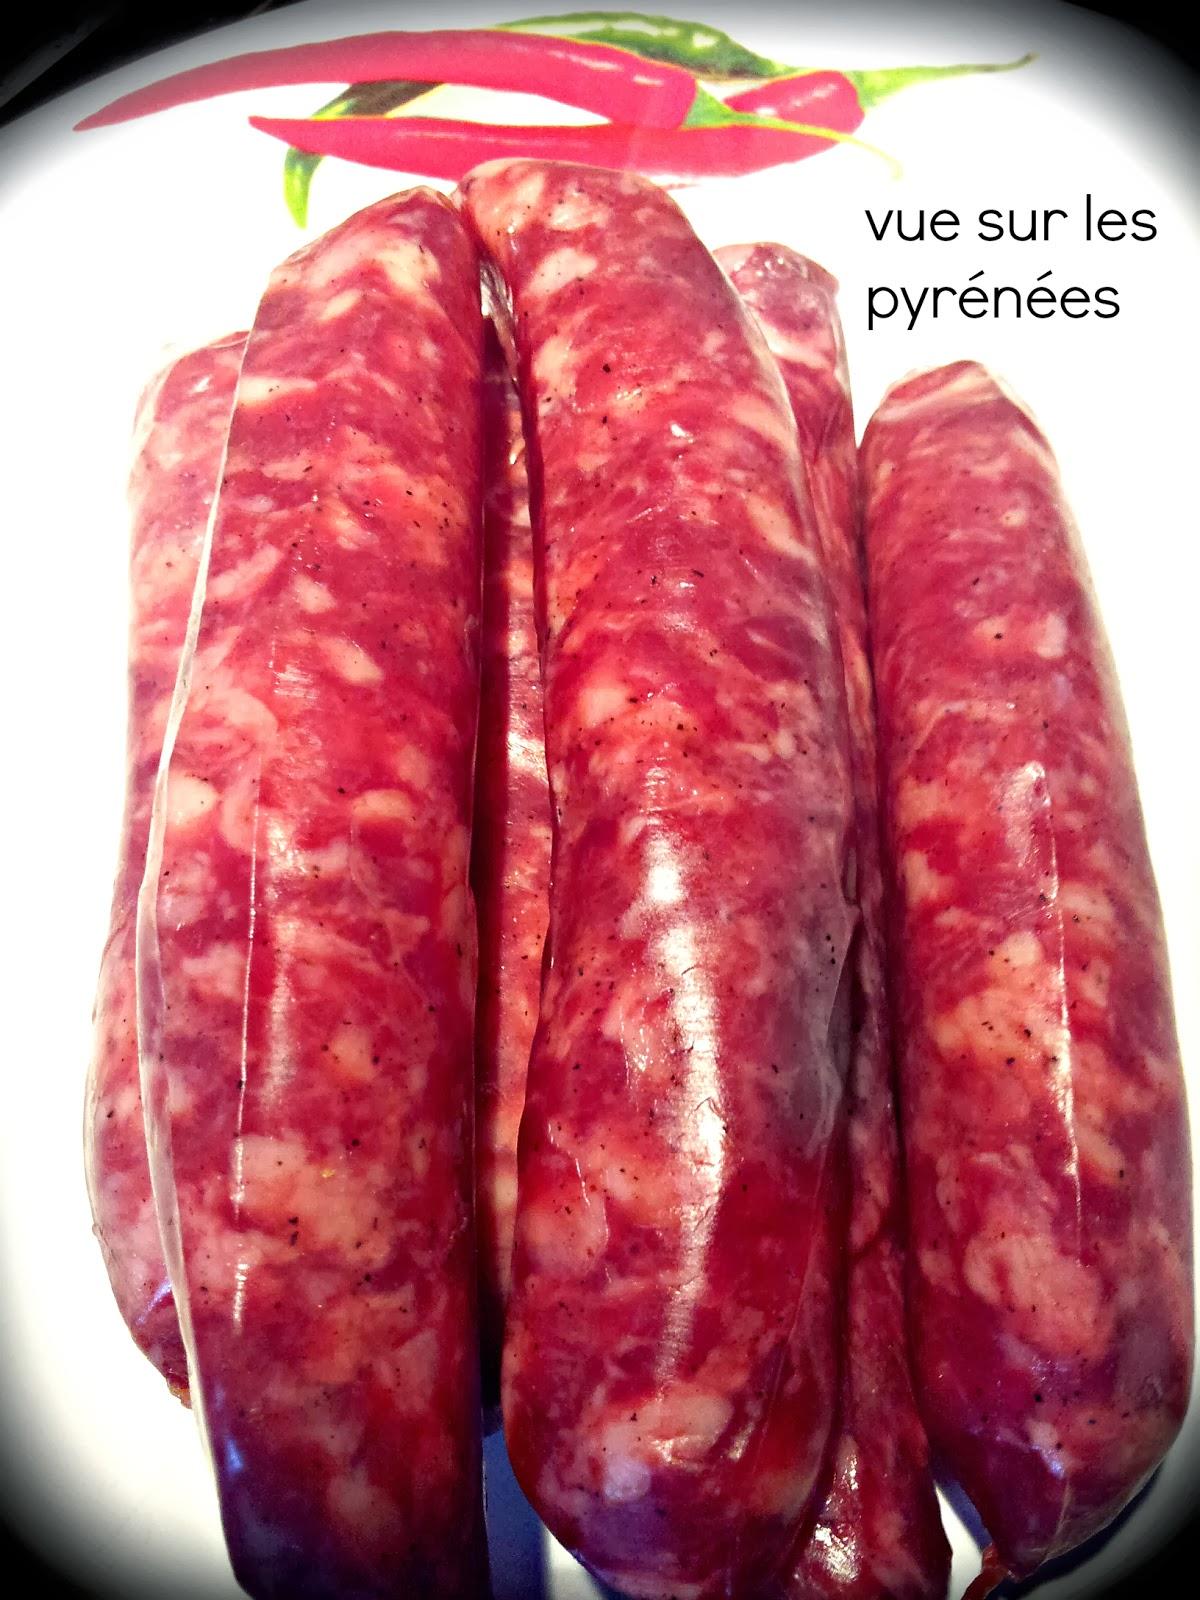 La lukinka  la saucisse du pays basque